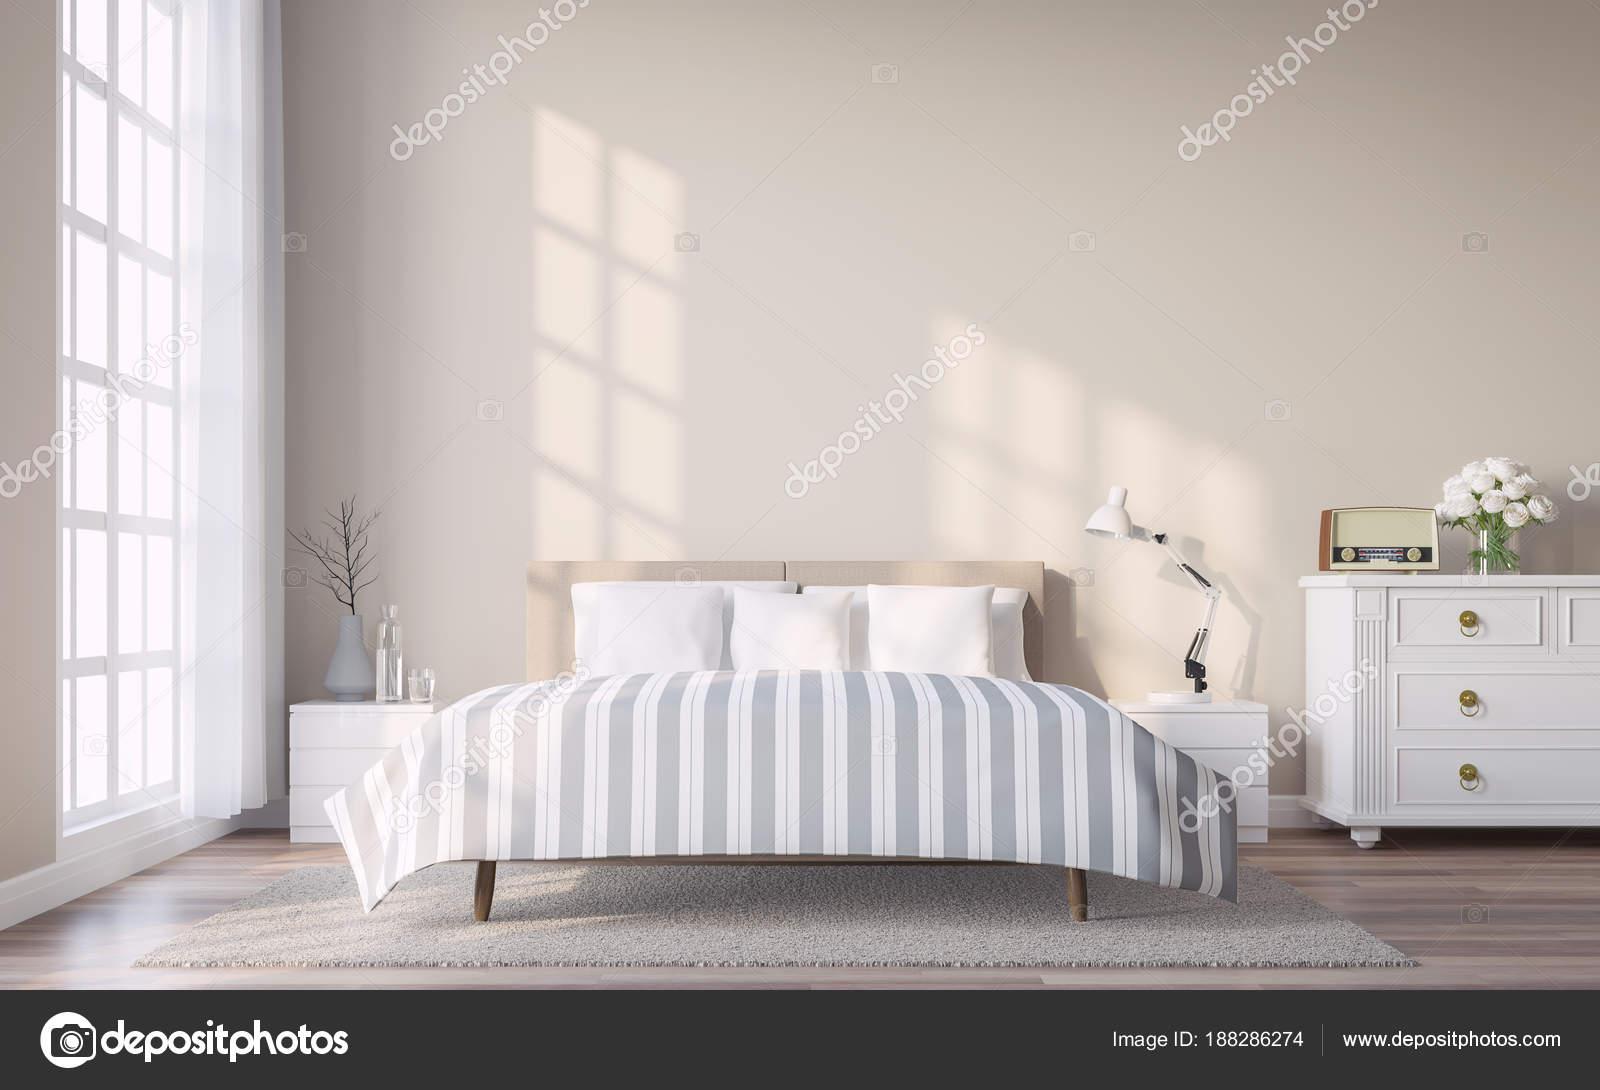 Camere Da Letto Arredate Vintage : Moderna camera letto dell annata con render parete marrone chiaro